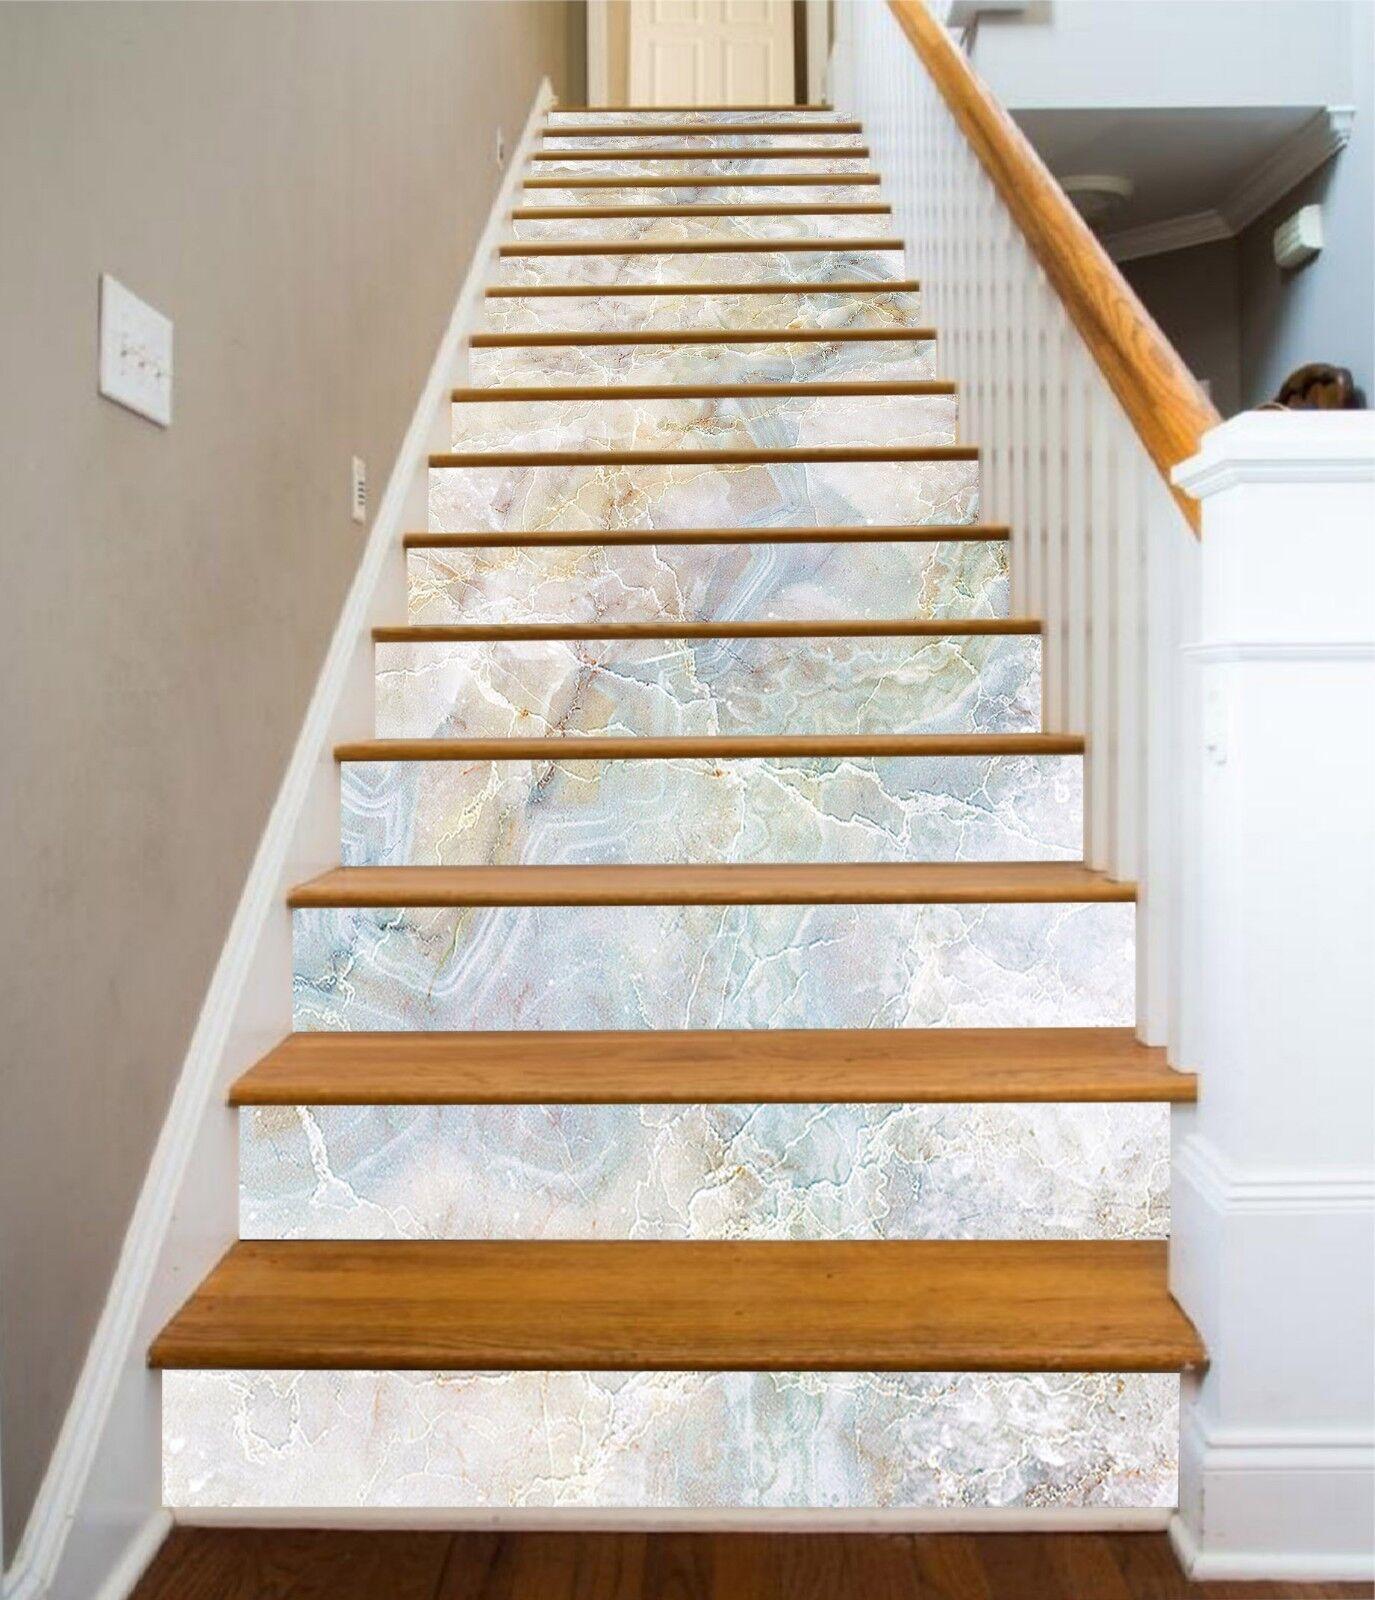 3D Wolke Gestalte 7 Fliese Marmor Stair Risers Fototapete Vinyl Aufkleber Tapete